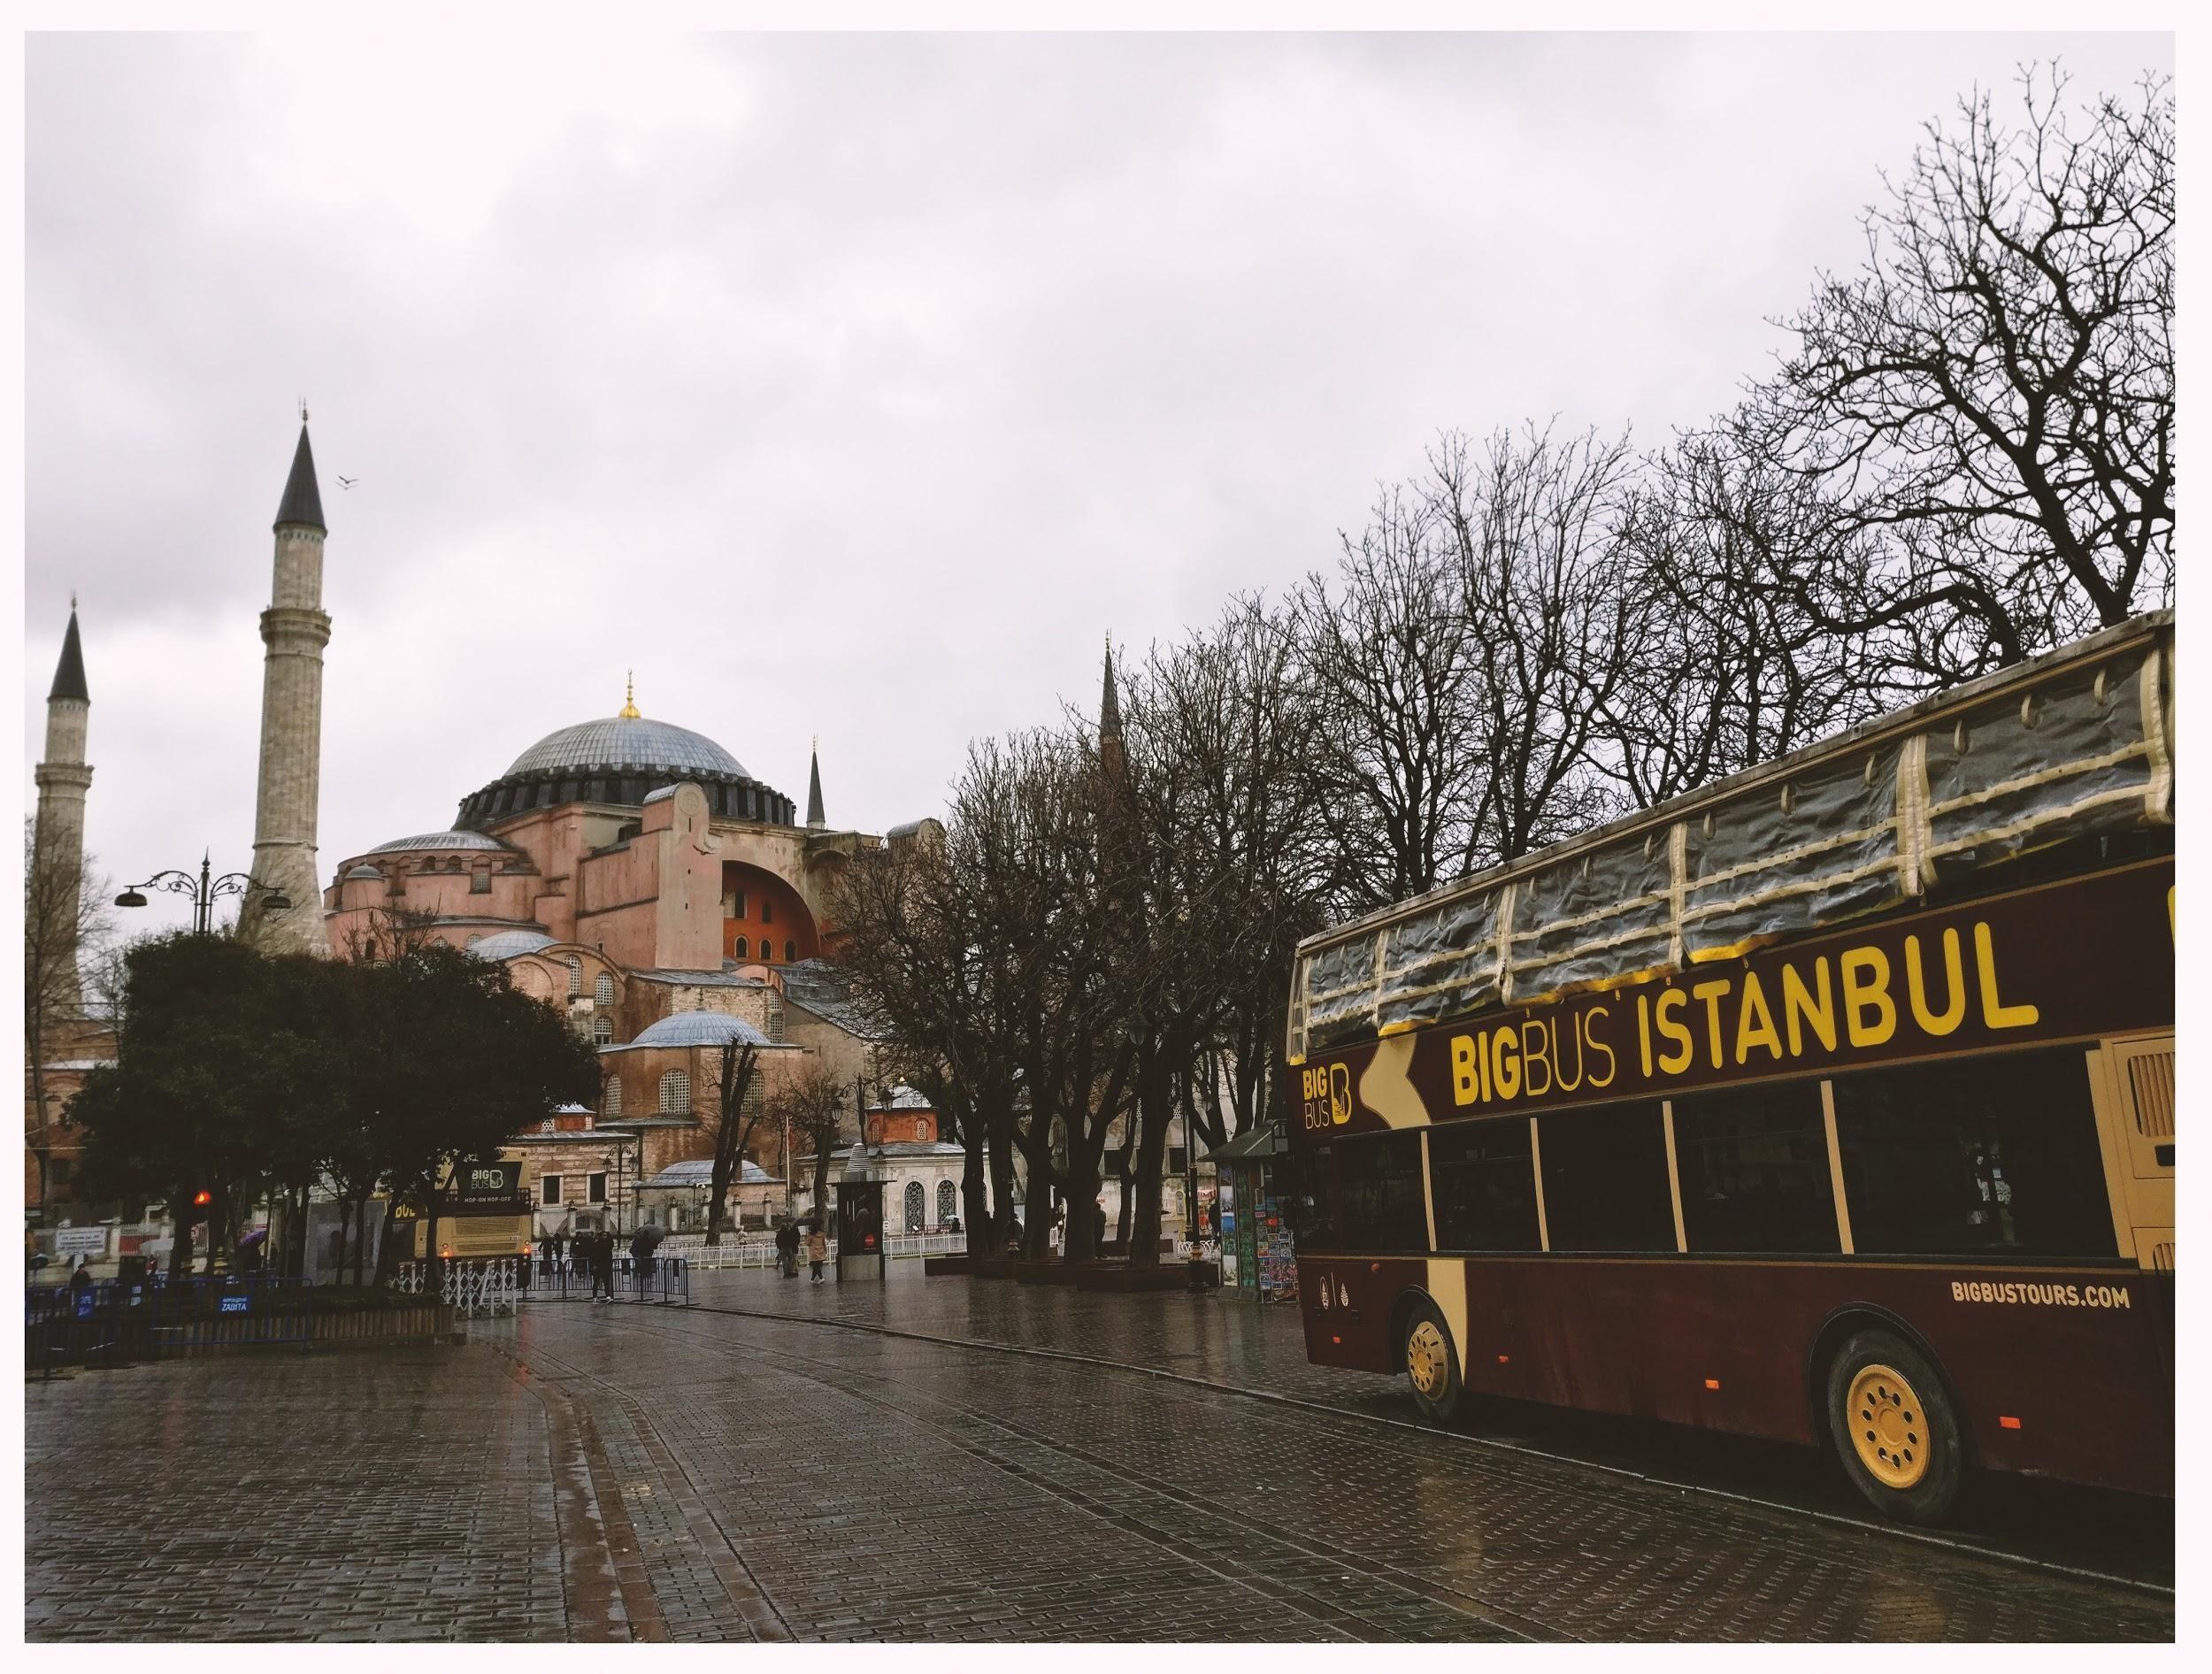 Na foto a cidade de Istanbul, uma das mais reconhecidas cidades turcas